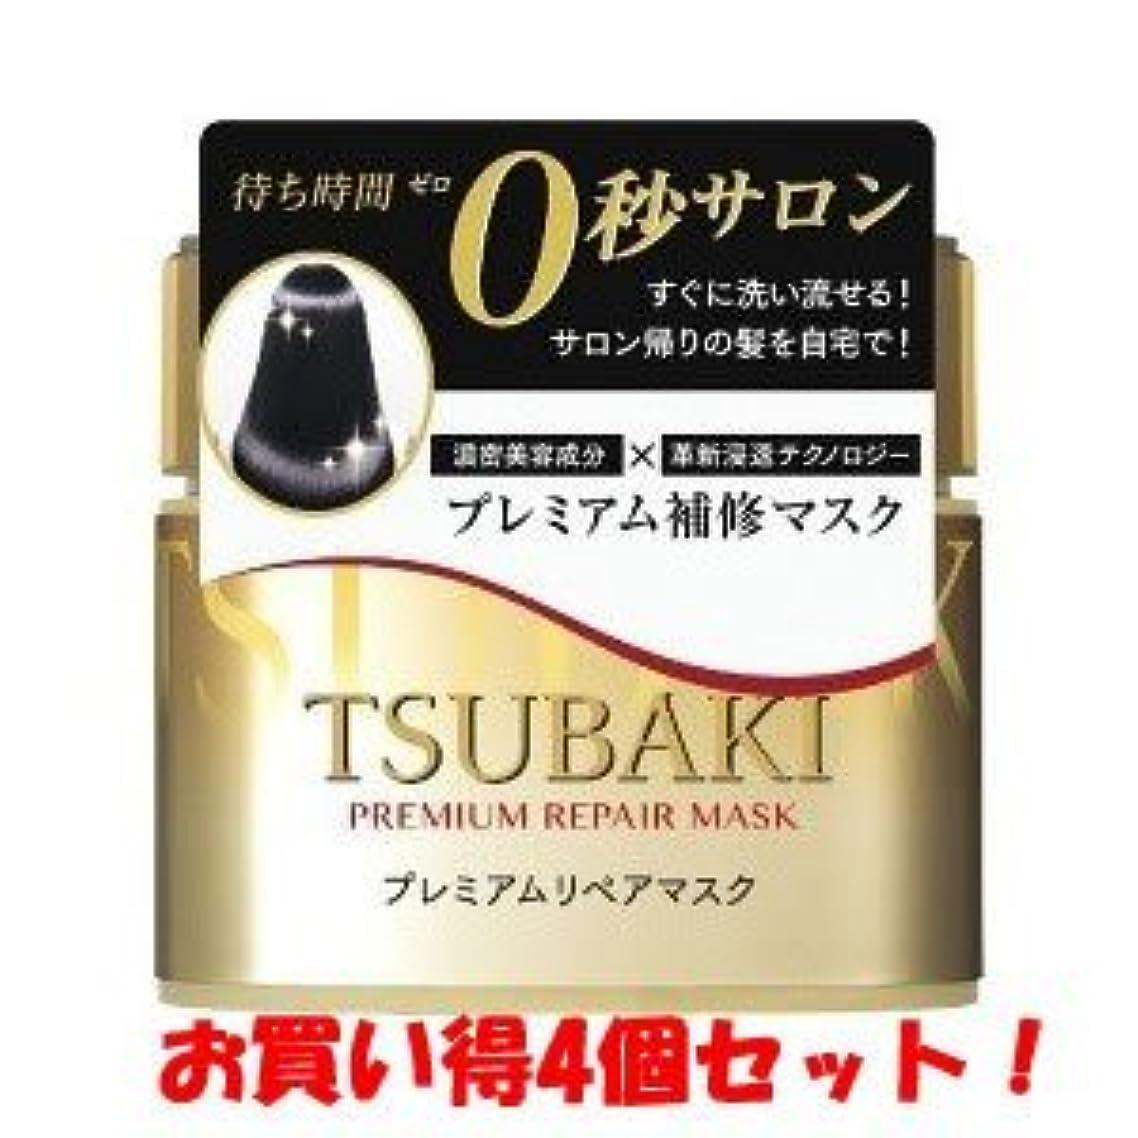 振り返るパンツ食品(2017年の新商品)(資生堂)ツバキ(TSUBAKI) プレミアムリペアマスク 180g(お買い得4個セット)